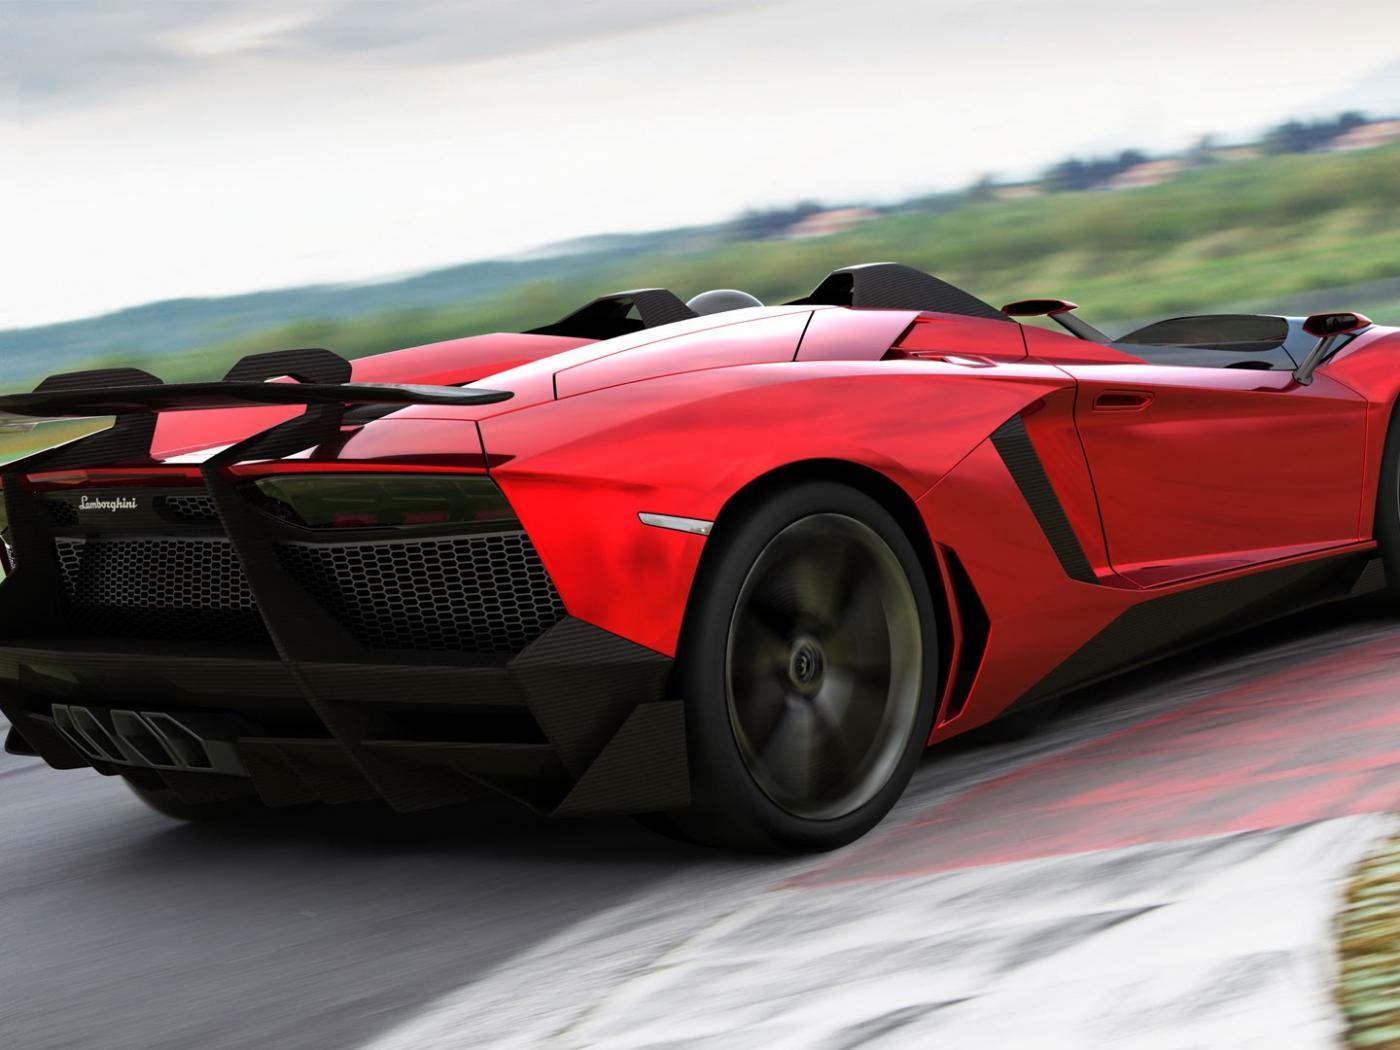 Lamborghini Aventador J Concept (2012) - Auto Cars Concept